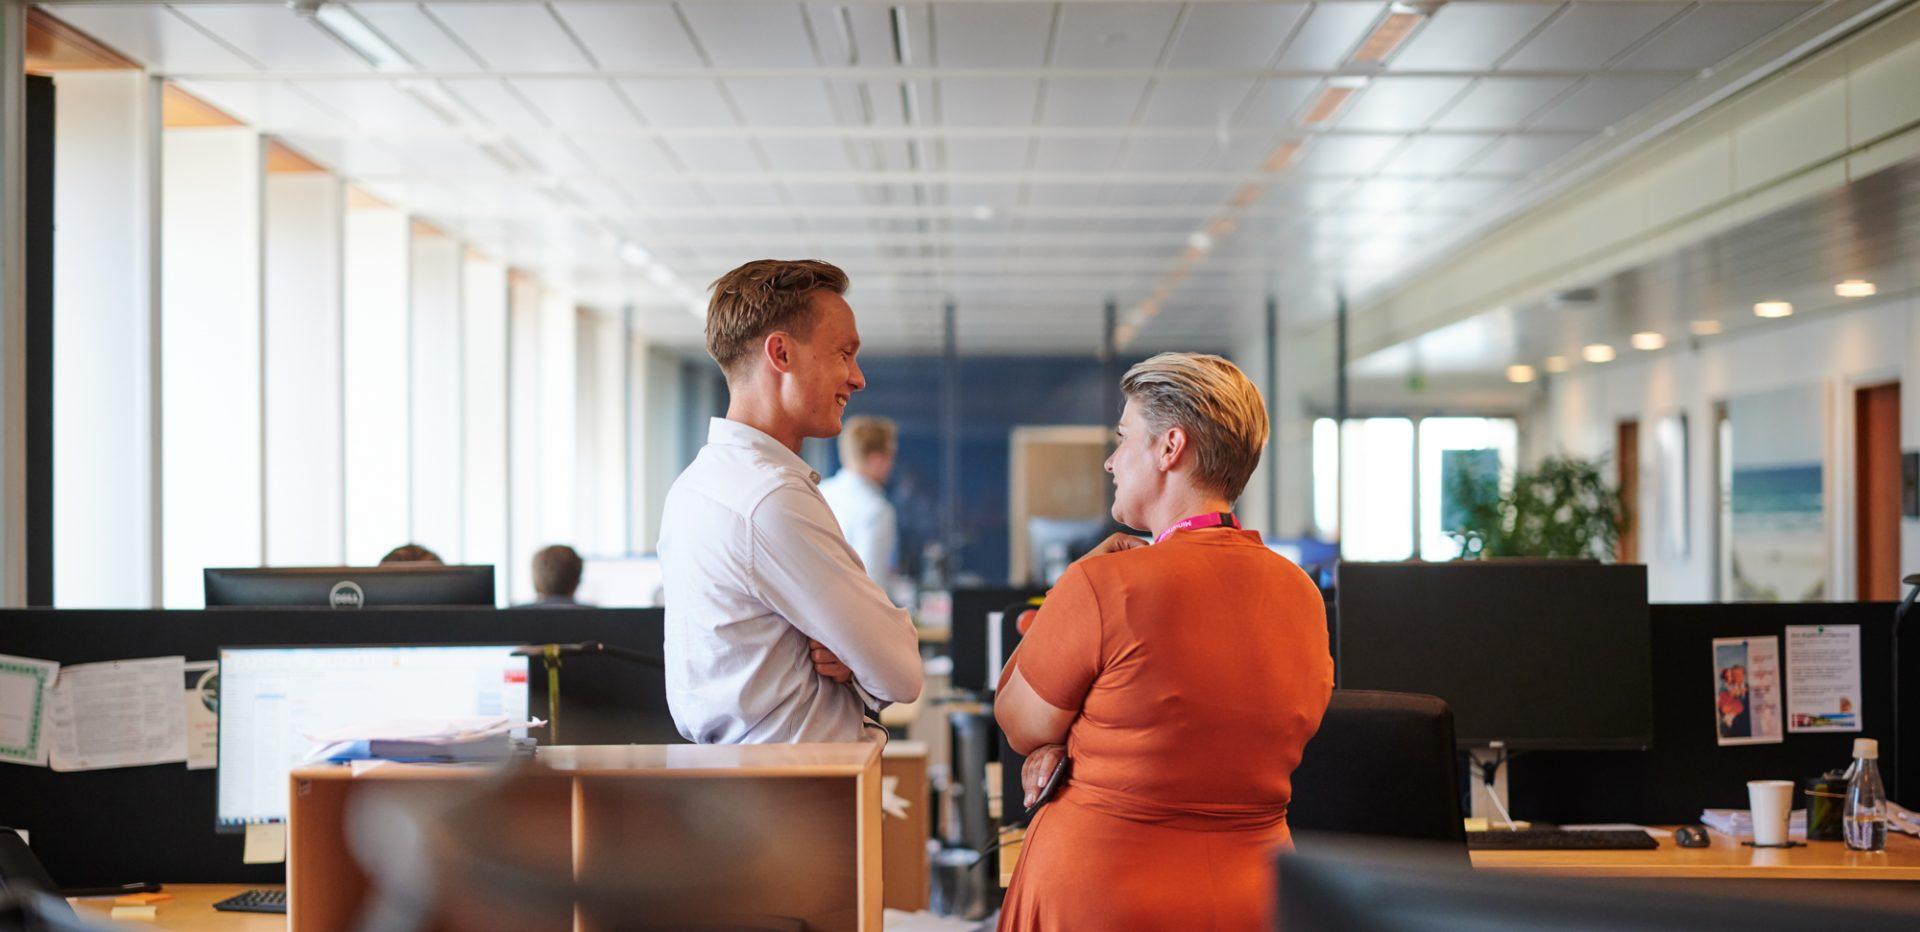 Mand og kvinde taler sammen i en arbejdsplads' fællesrum, hvor der er mange computere.